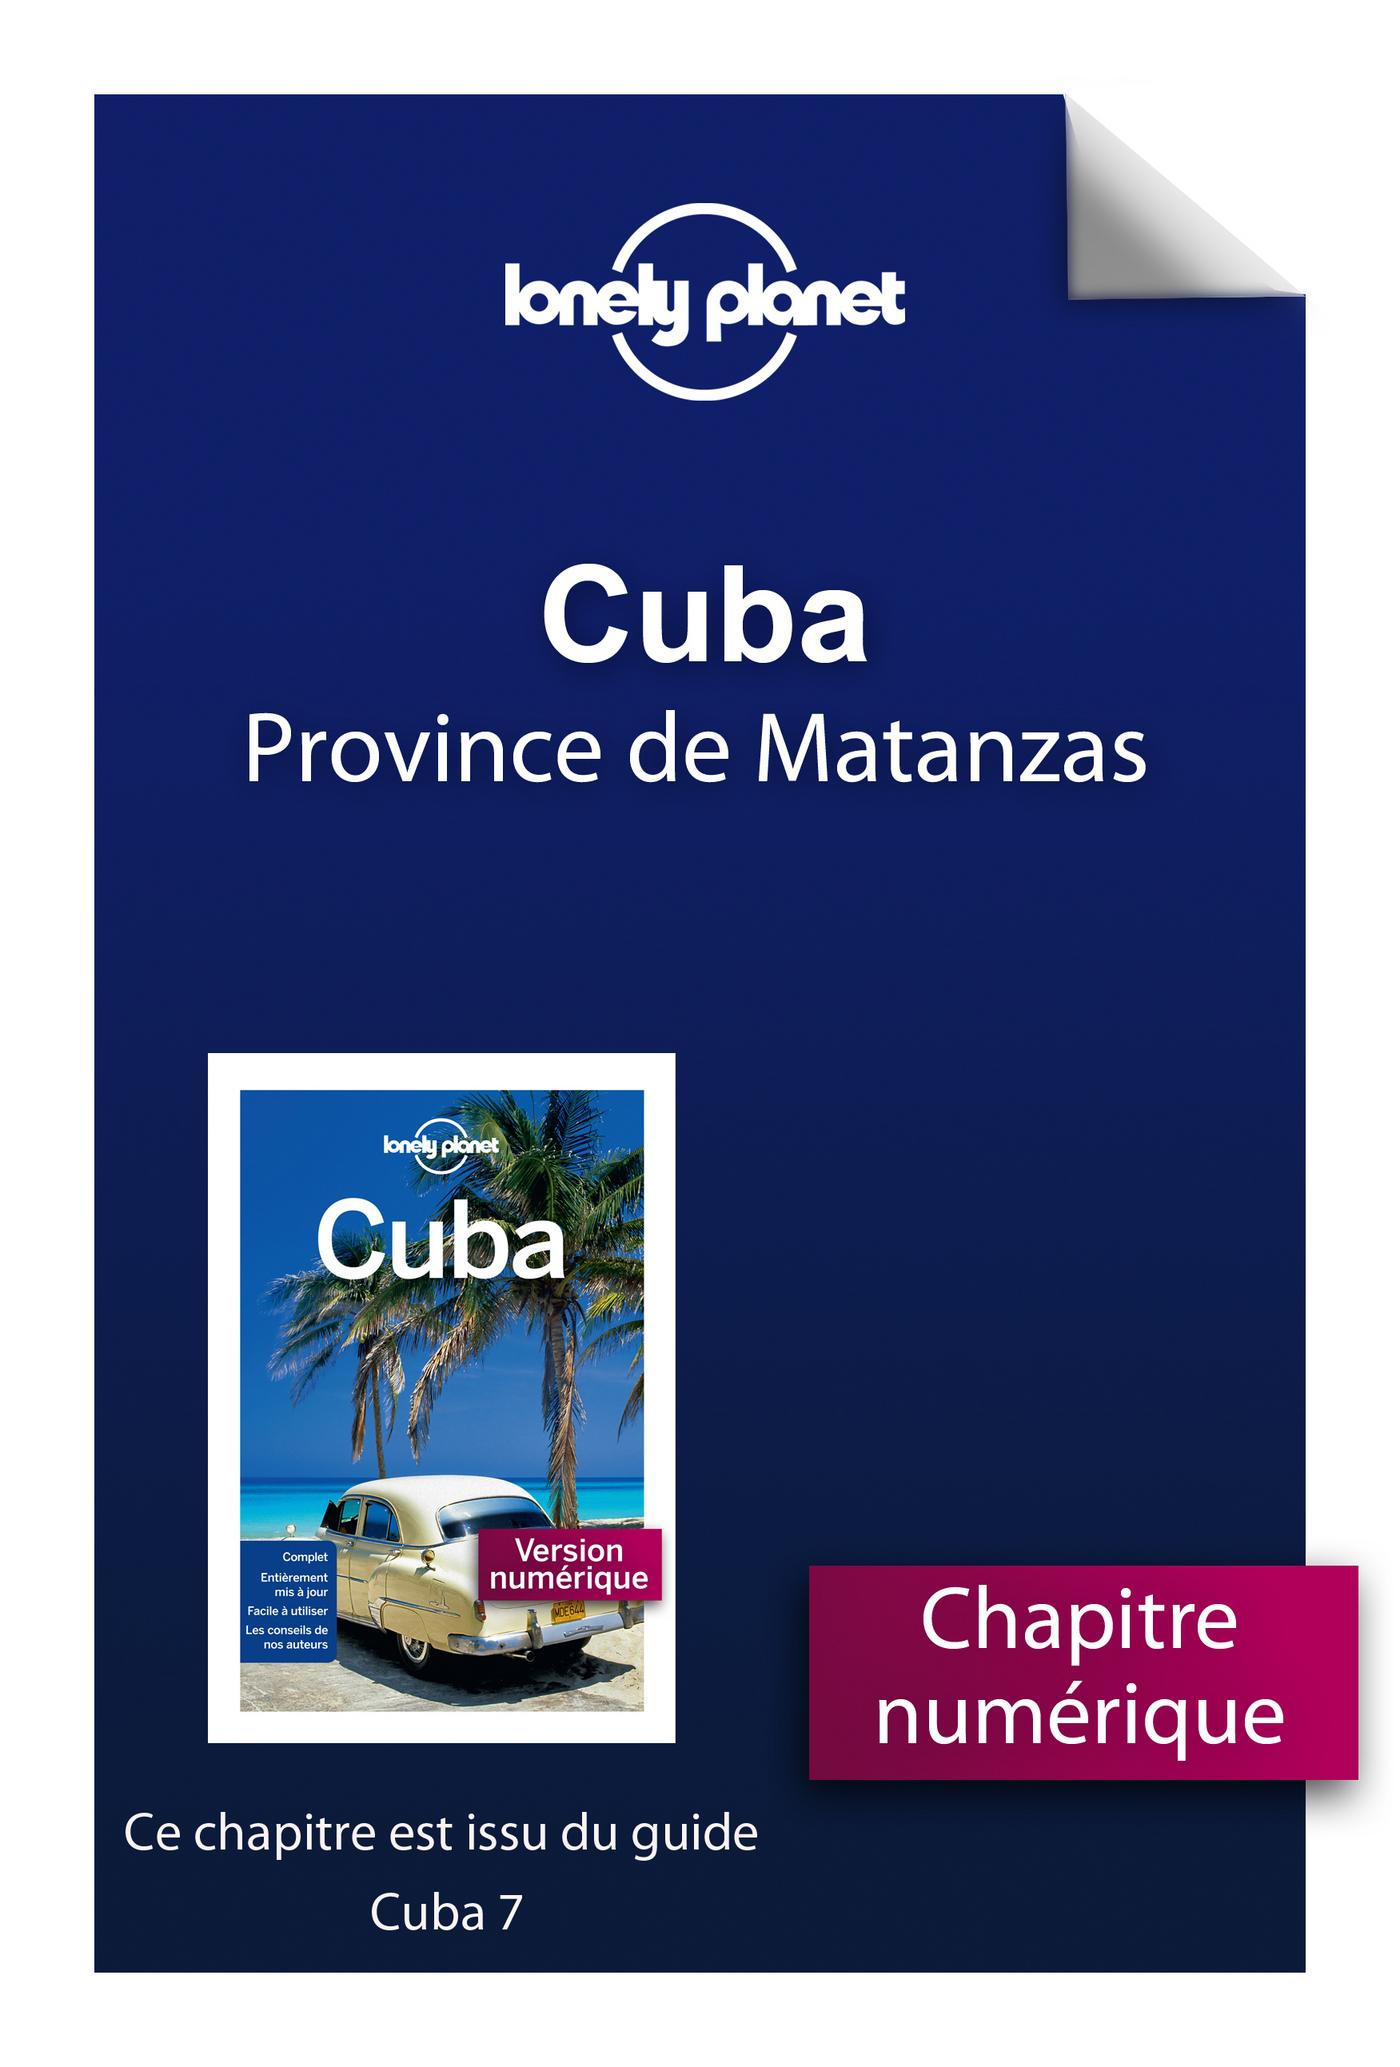 Cuba 7 - Province de Matanzas